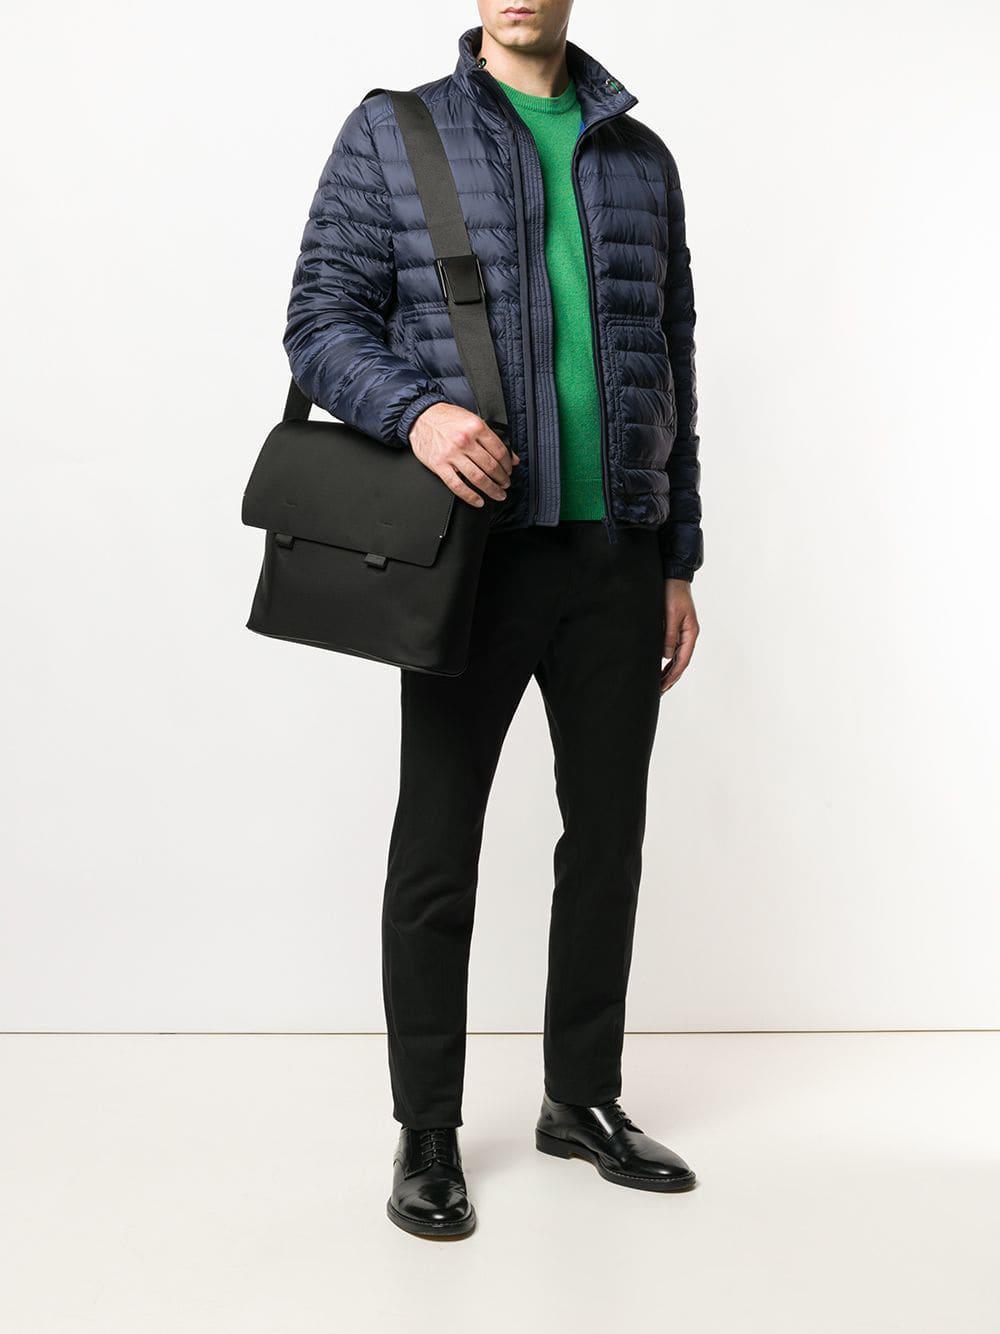 2e0487b7fdd24 Lyst - Troubadour Foldover Top Messenger Bag in Black for Men